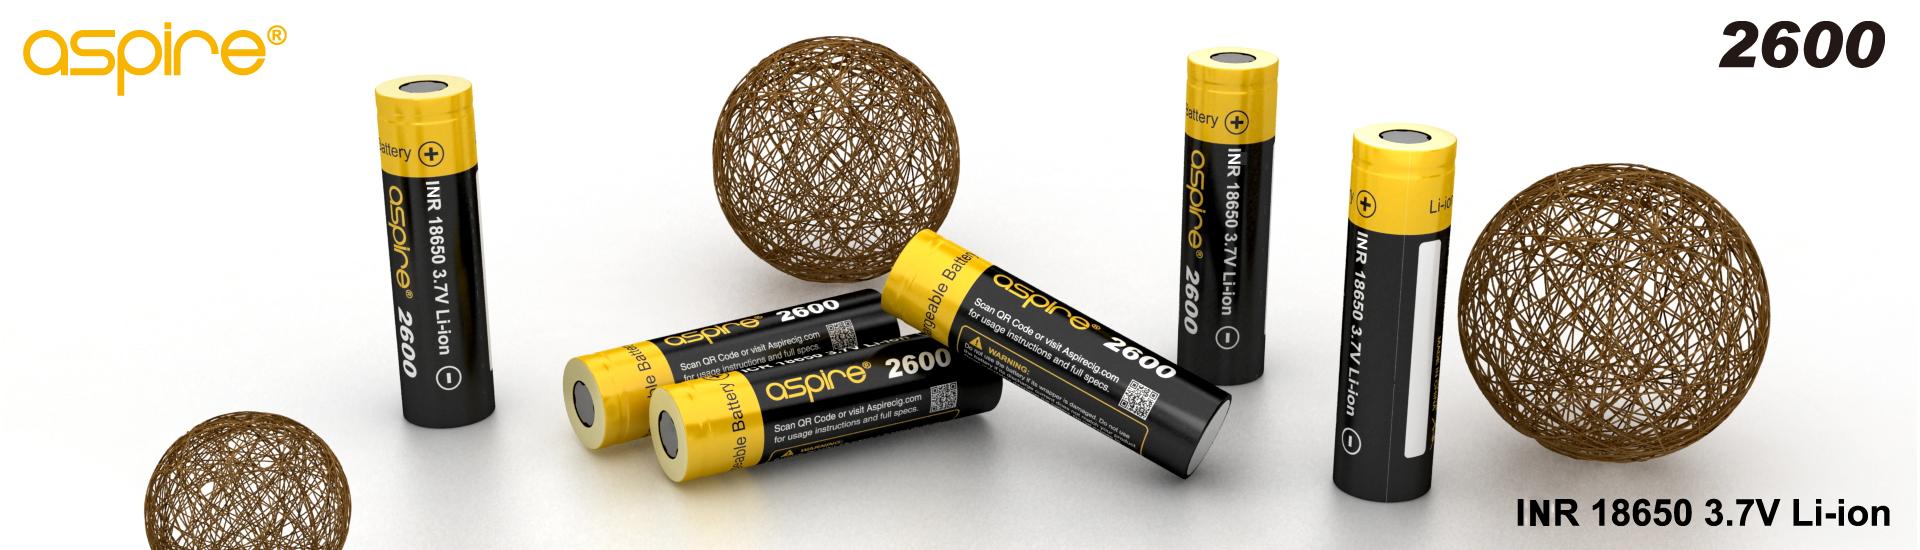 aspire 18650 2600mah battery